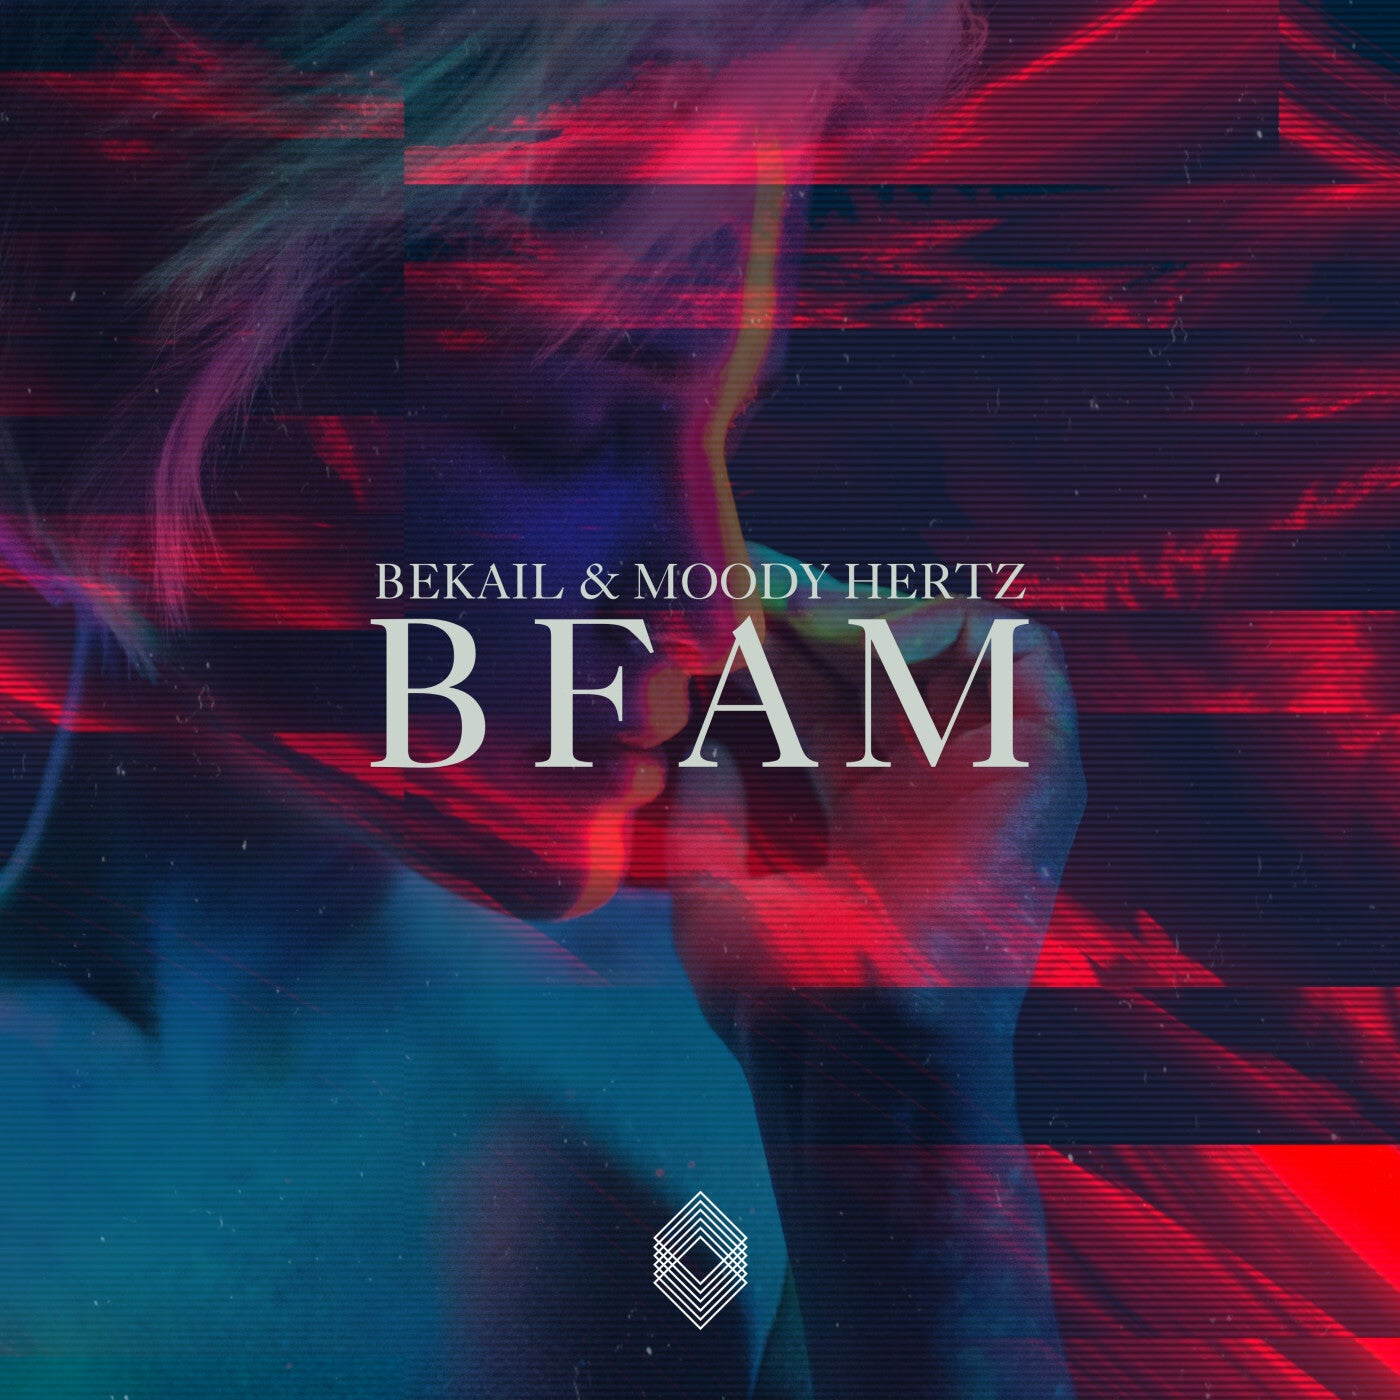 BFAM (Original Mix)